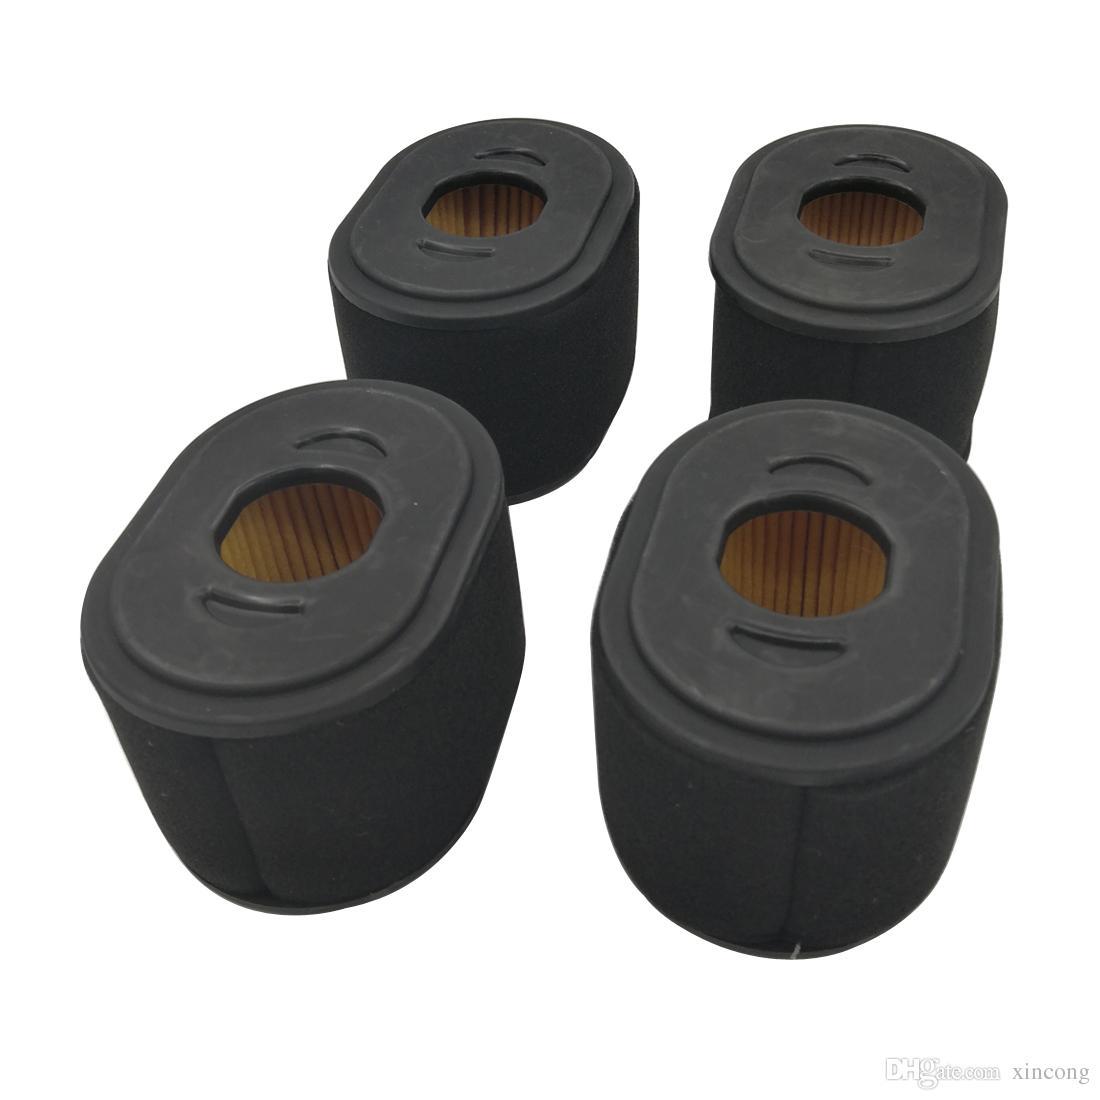 hight resolution of 4 air filter for honda gx390 gx340 gxv340